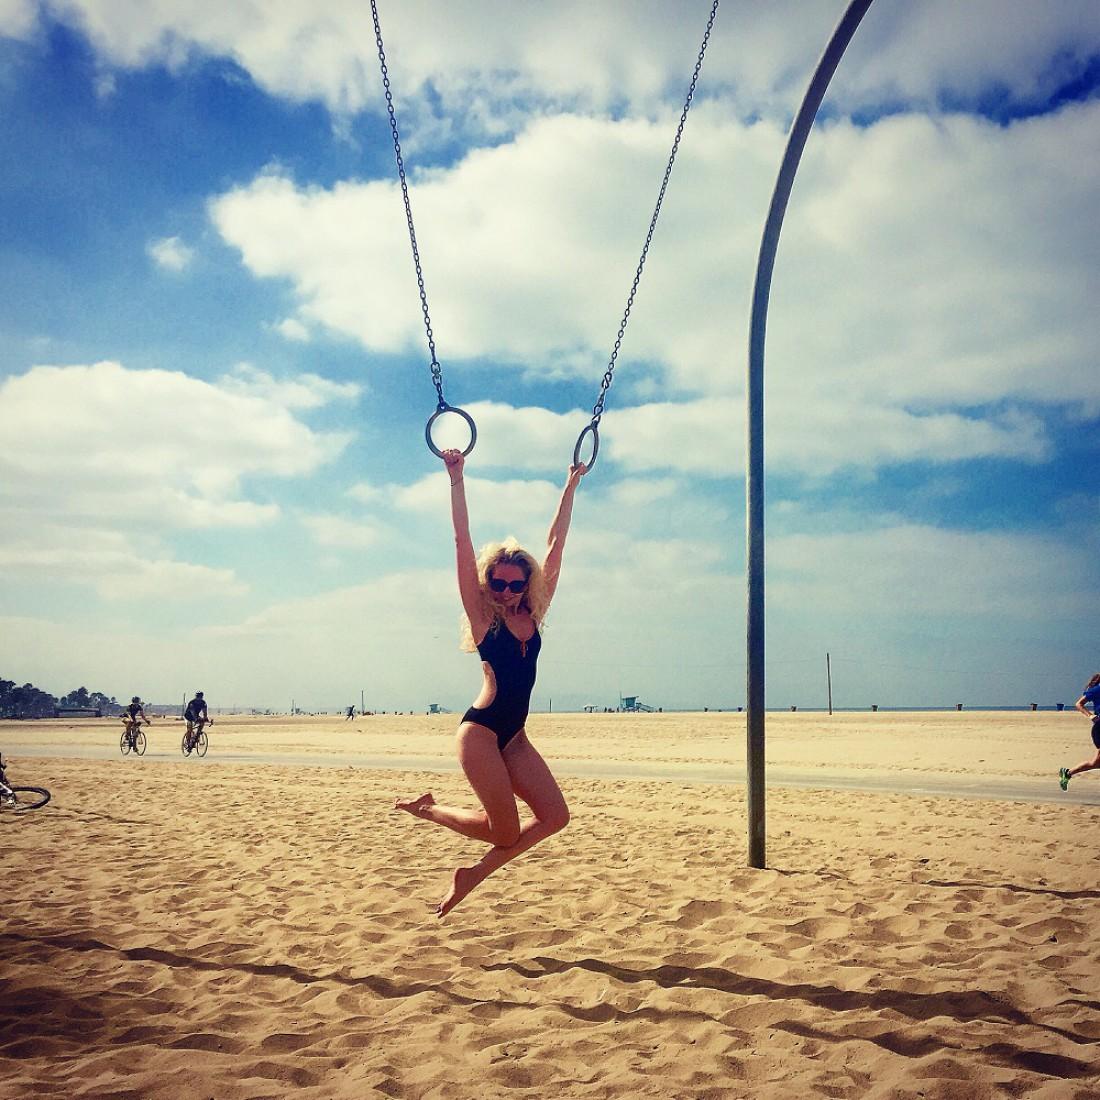 Анастасия активно занимается спортом для поддержания формы